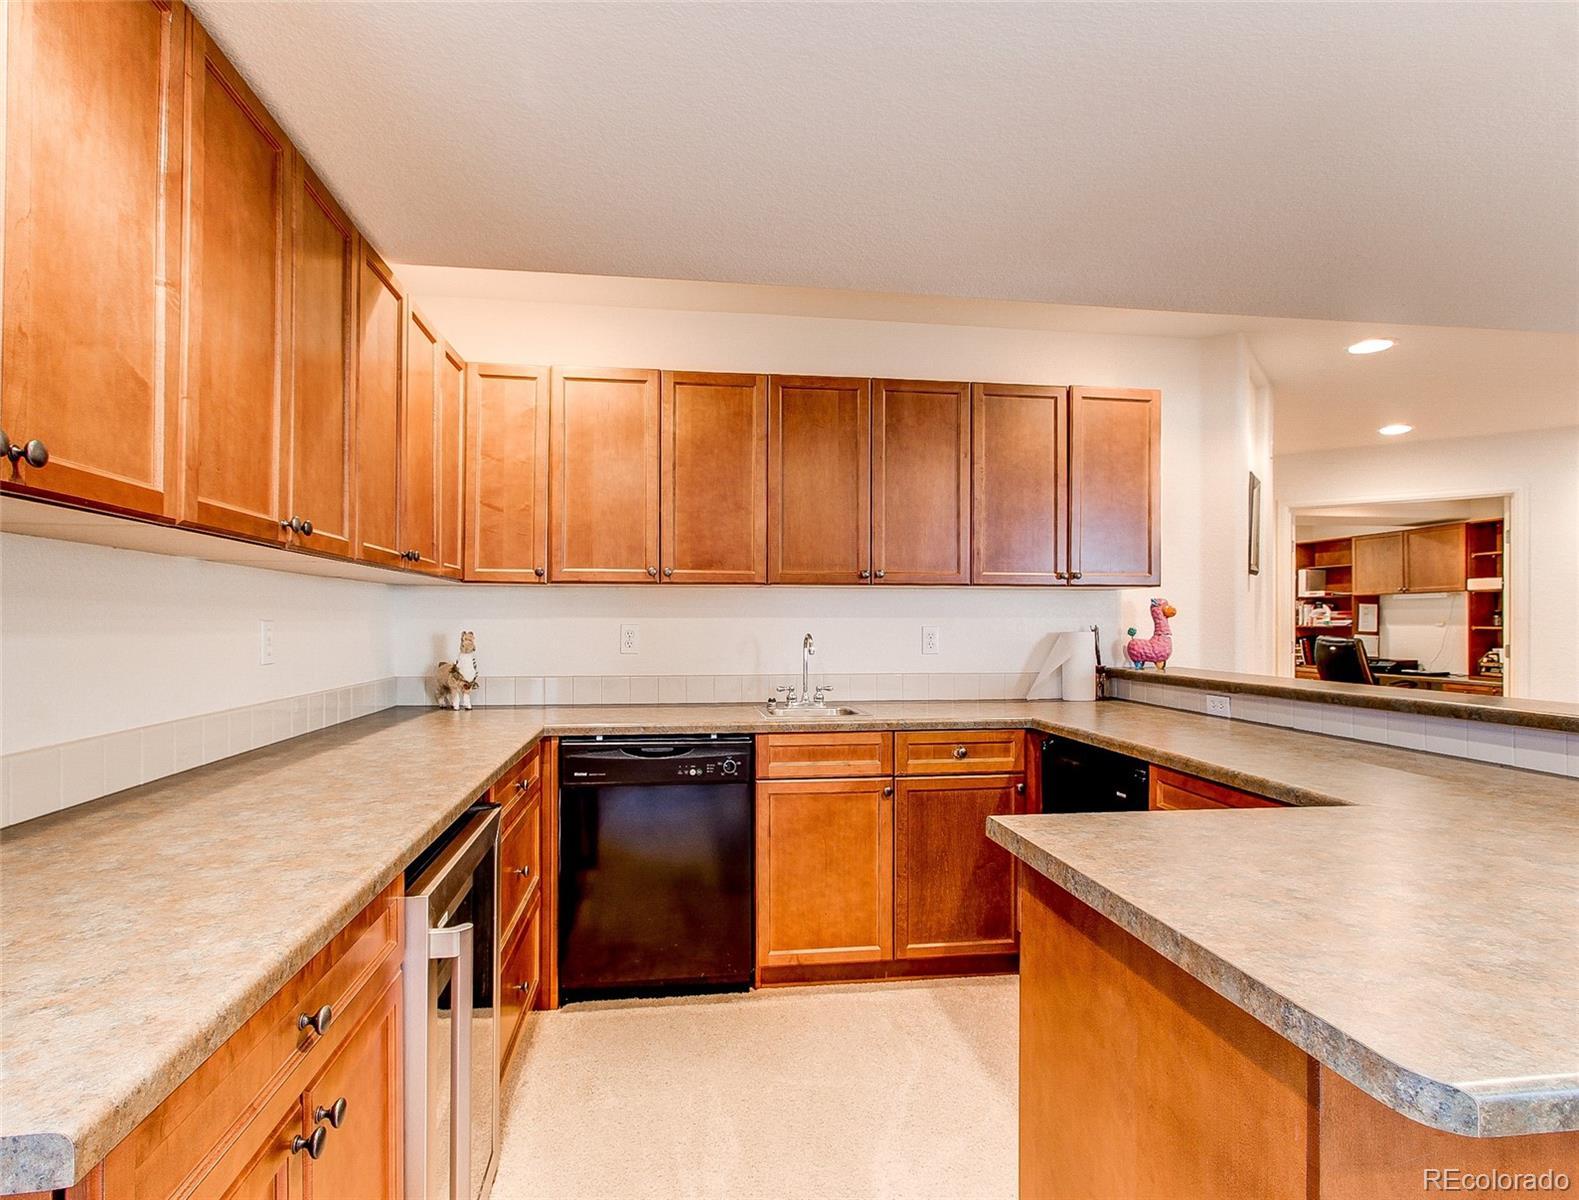 MLS# 8187086 - 20 - 2042 Gypsy Moth Court, Castle Rock, CO 80109